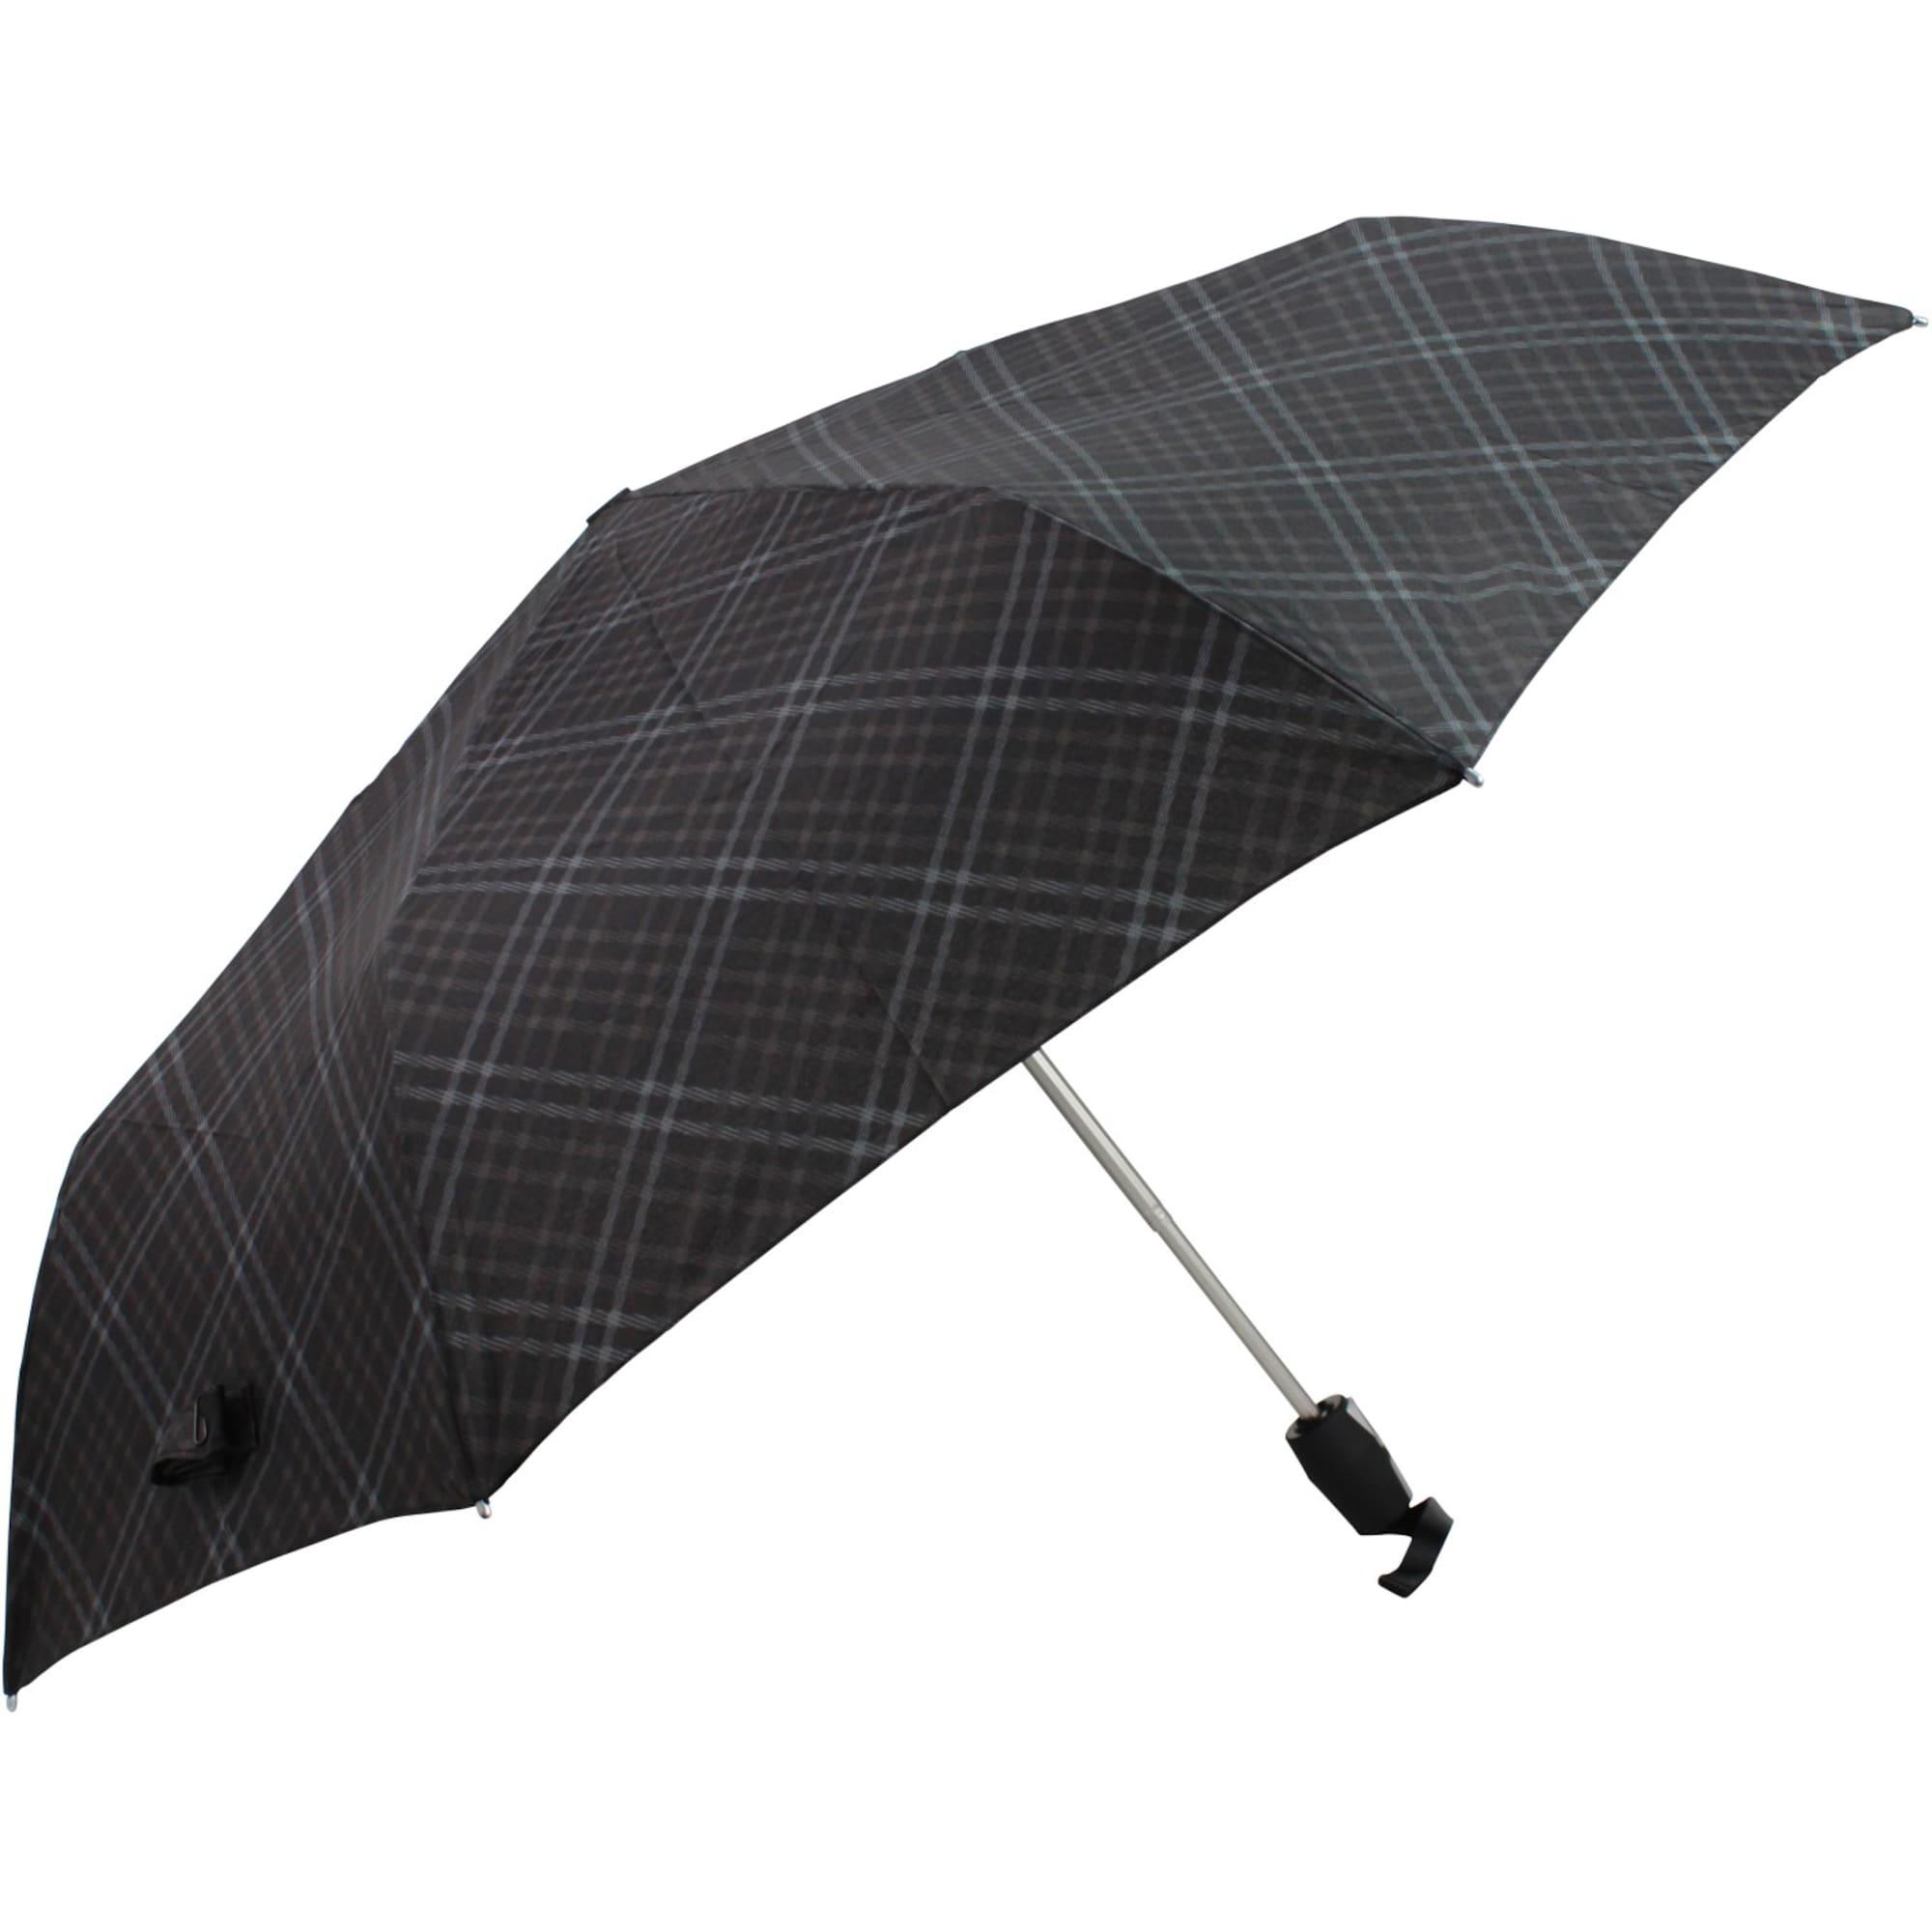 Taschenschirm 'T2 Duomatic'   Accessoires > Regenschirme   Schwarz   knirps